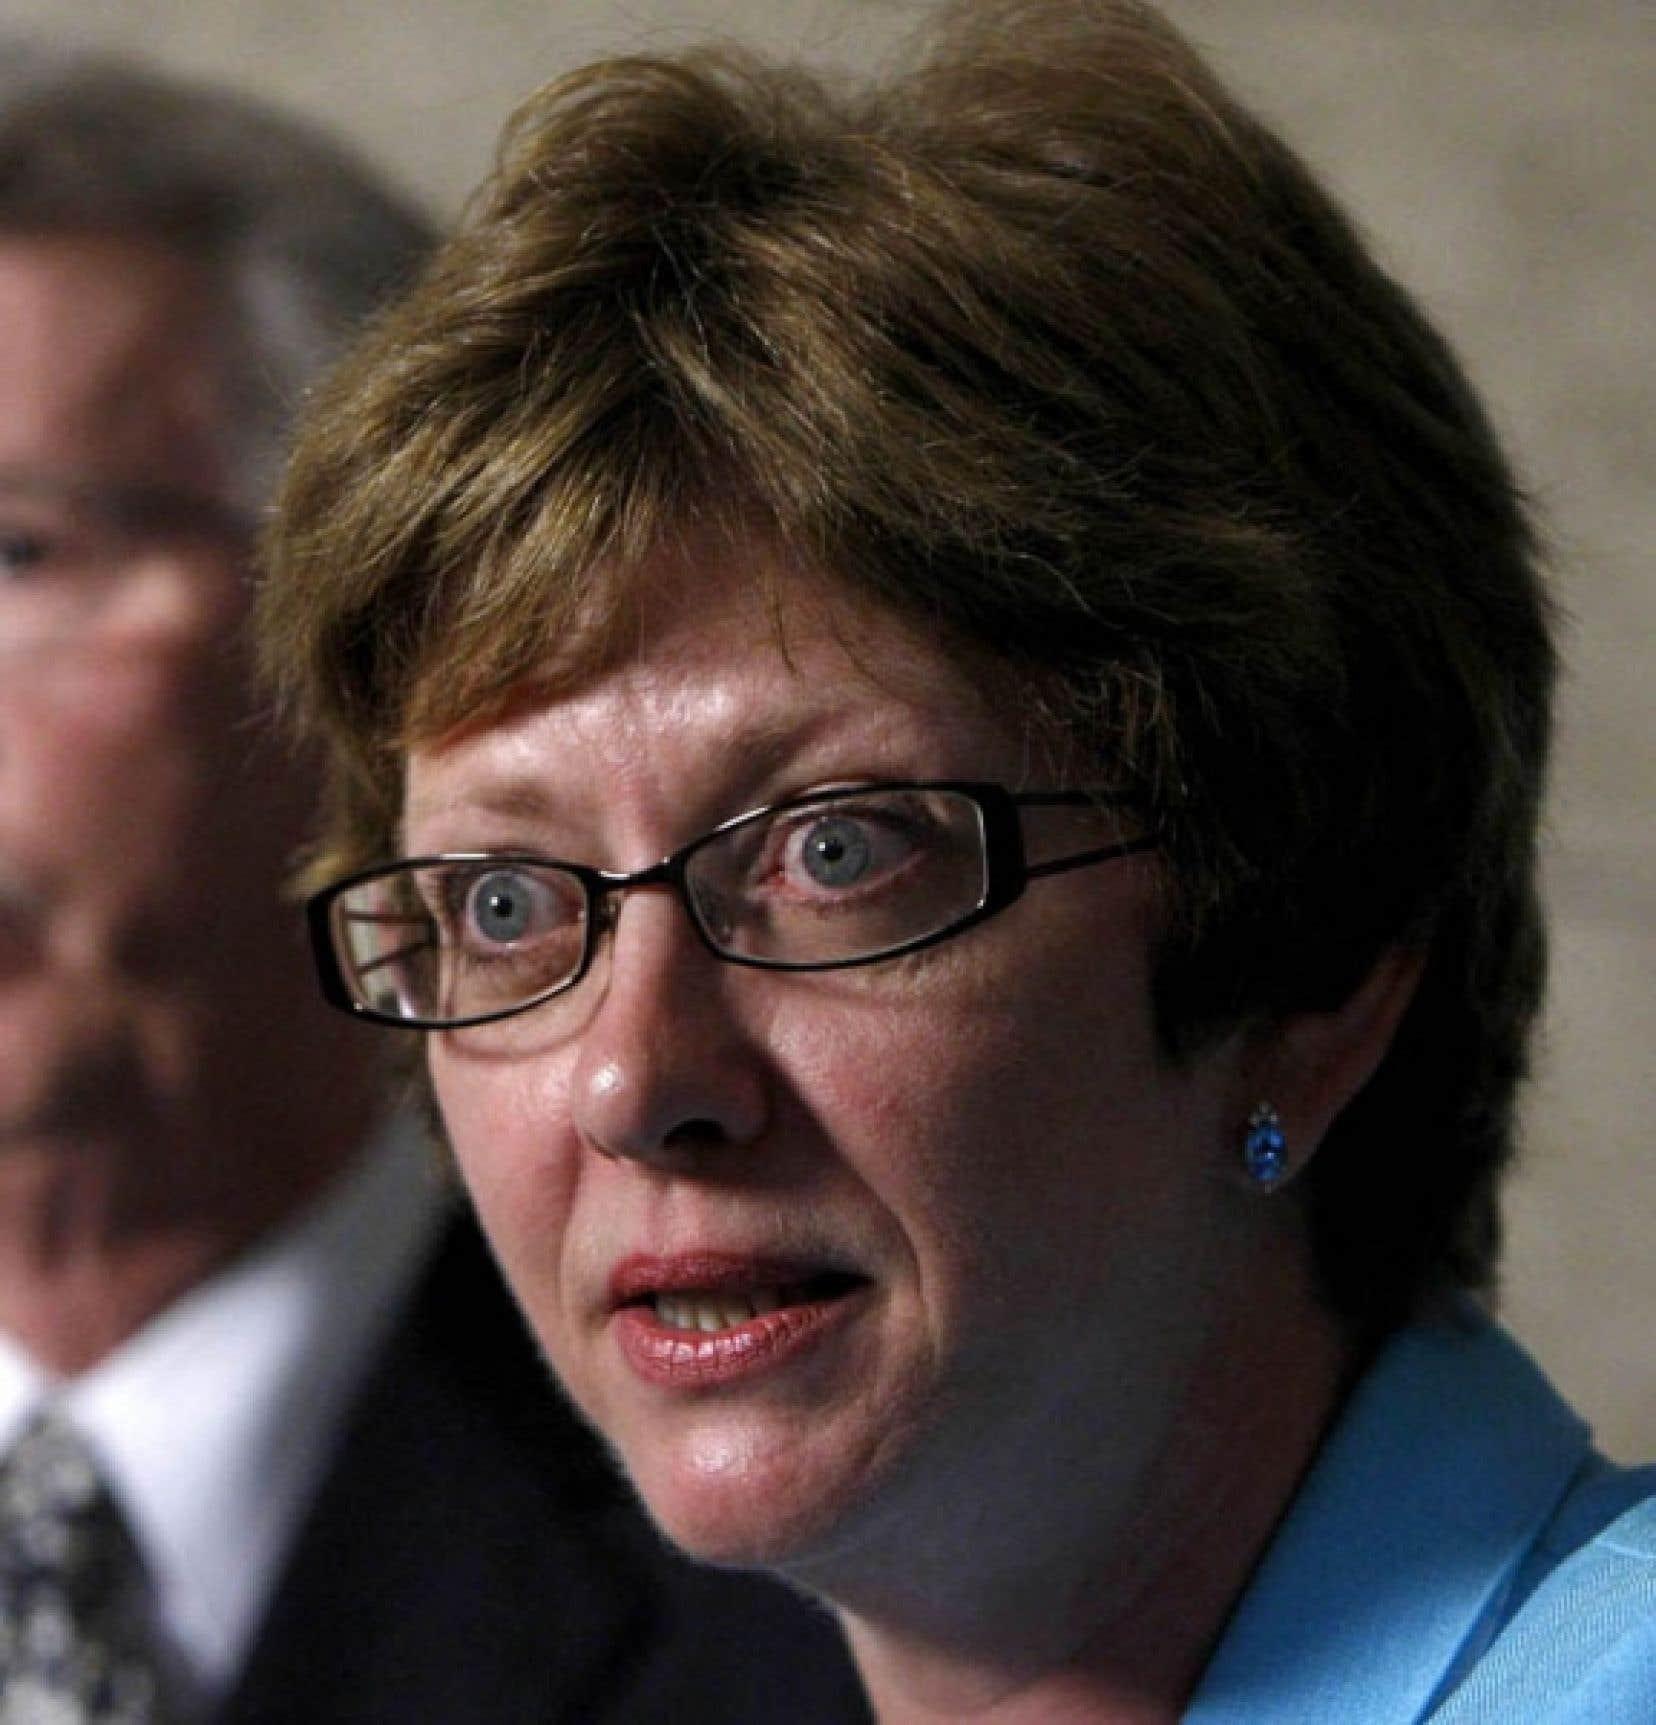 La ministre Diane Finley a avoué que jusqu'à récemment, son gouvernement ne savait pas qu'il versait des prestations de la Sécurité de vieillesse aux détenus.